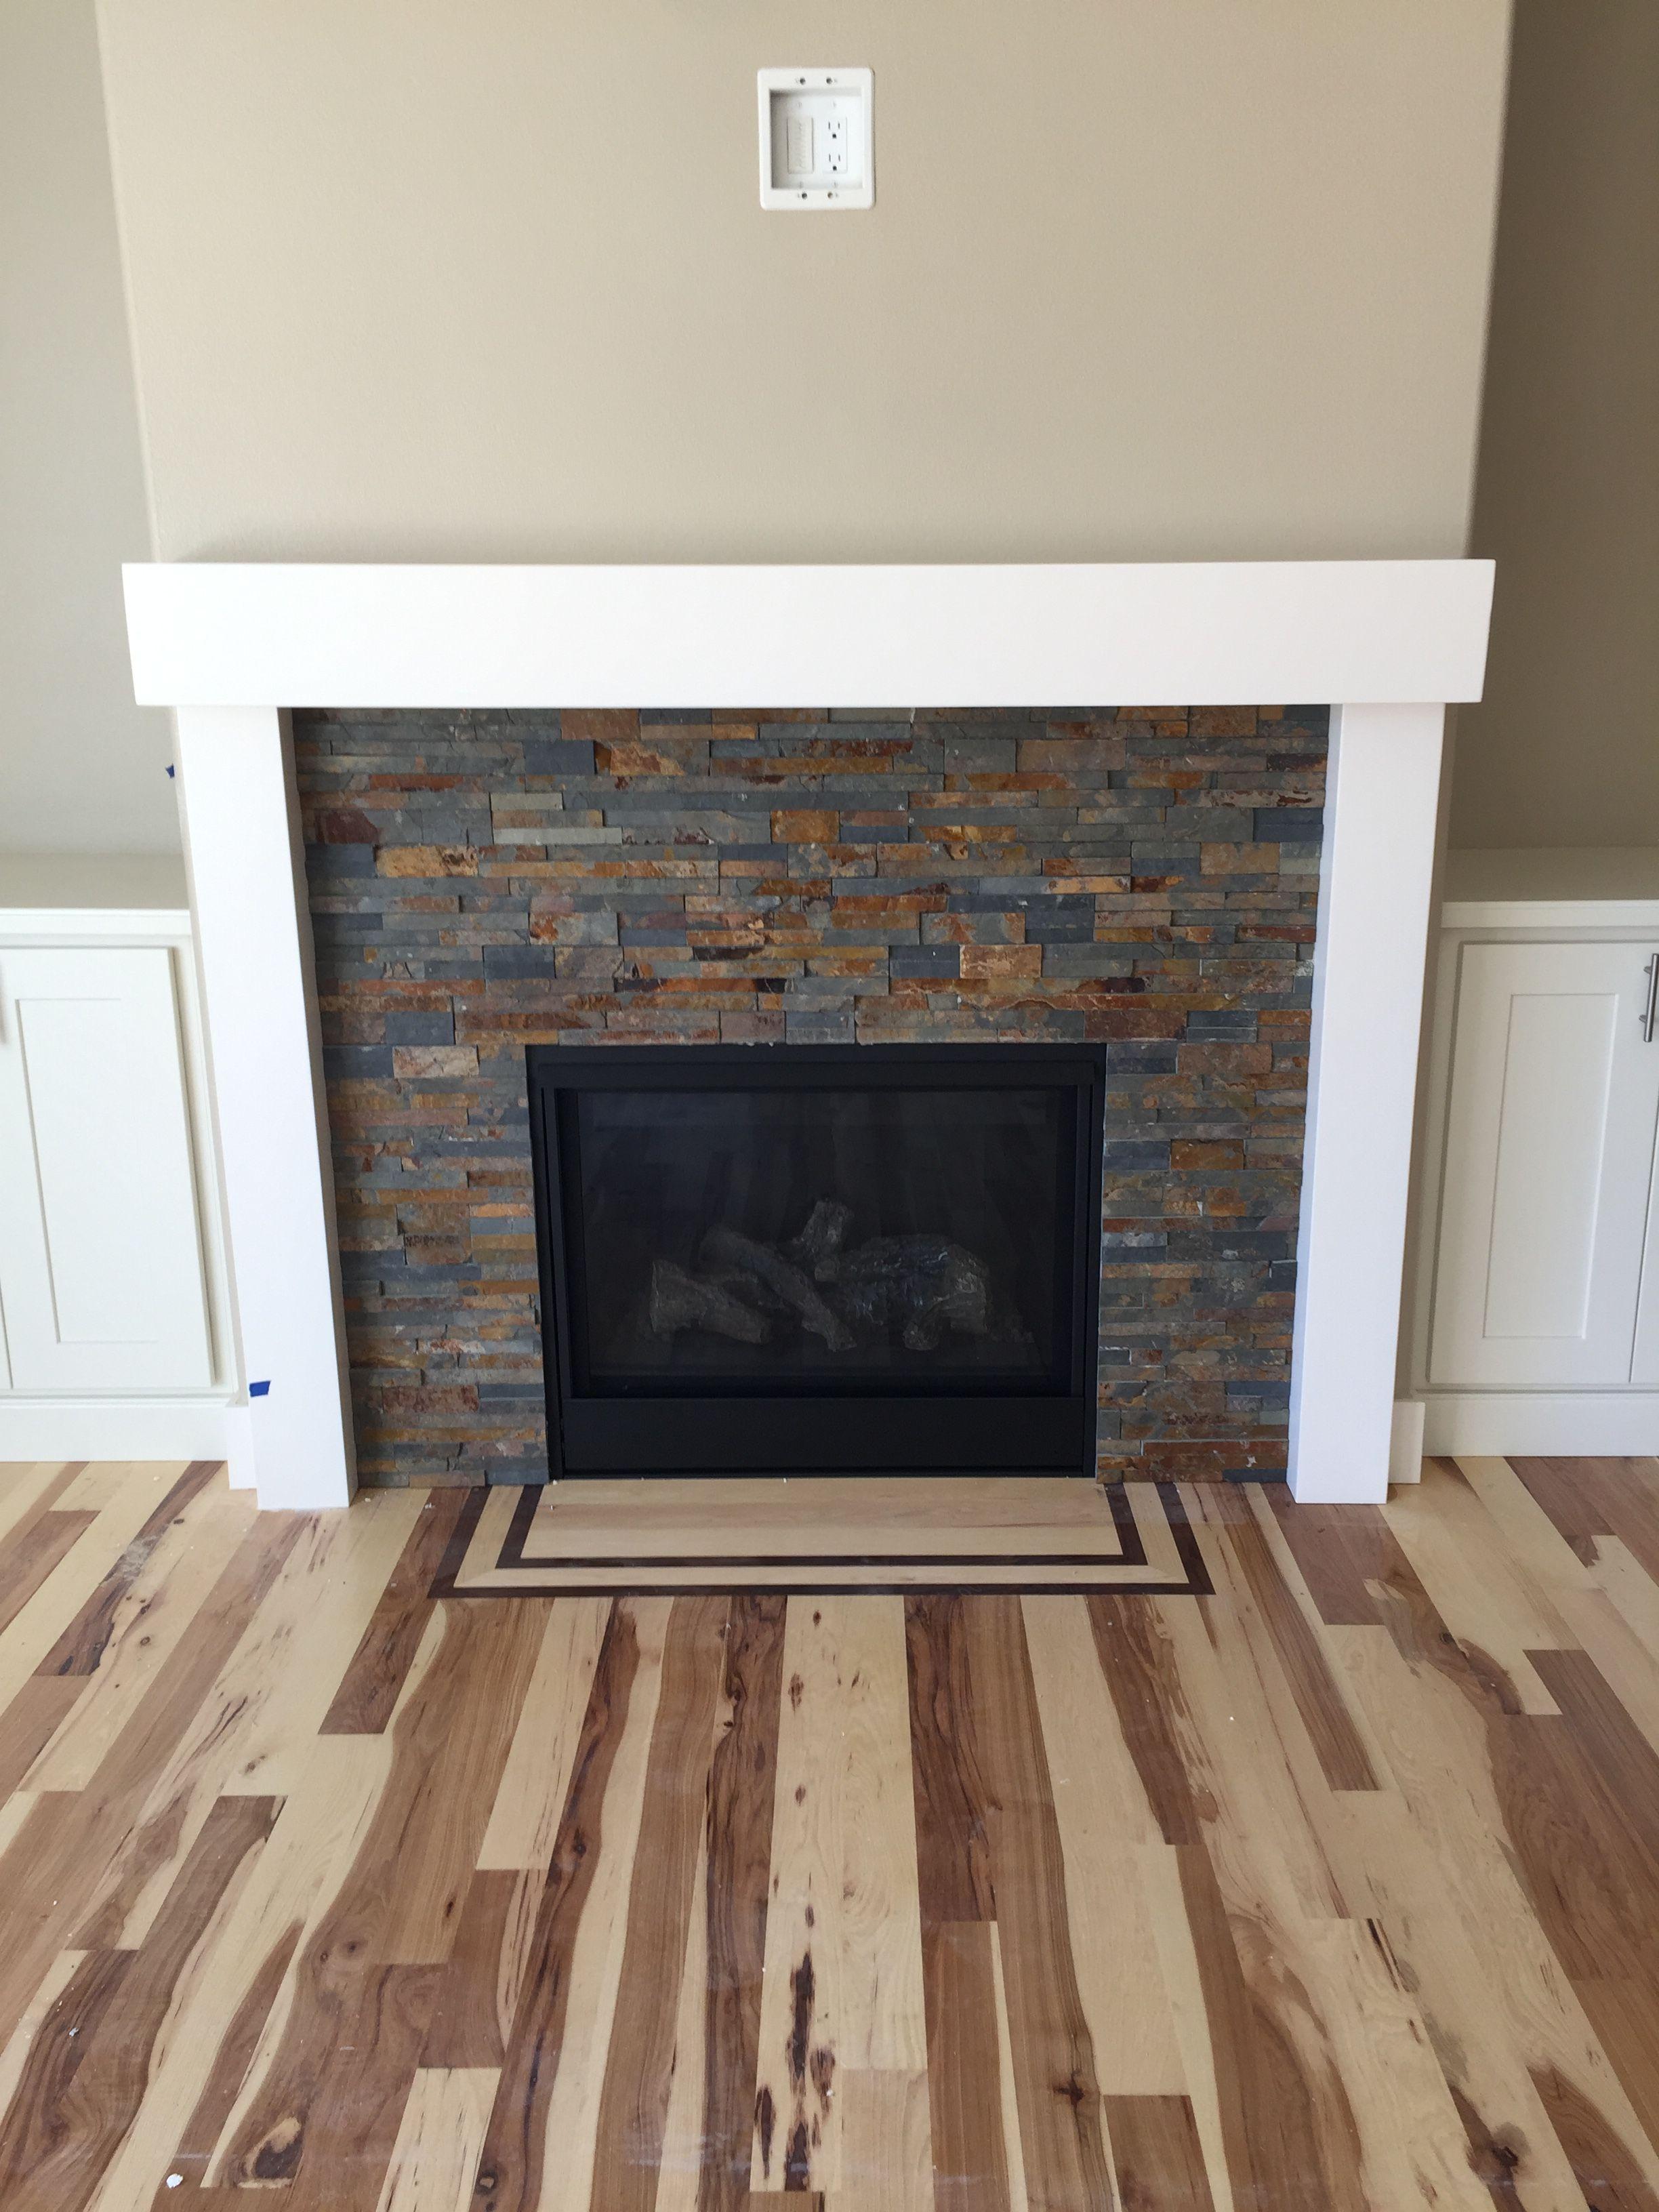 Hickory Hardwood Floors Fireplace Hardwood Floors